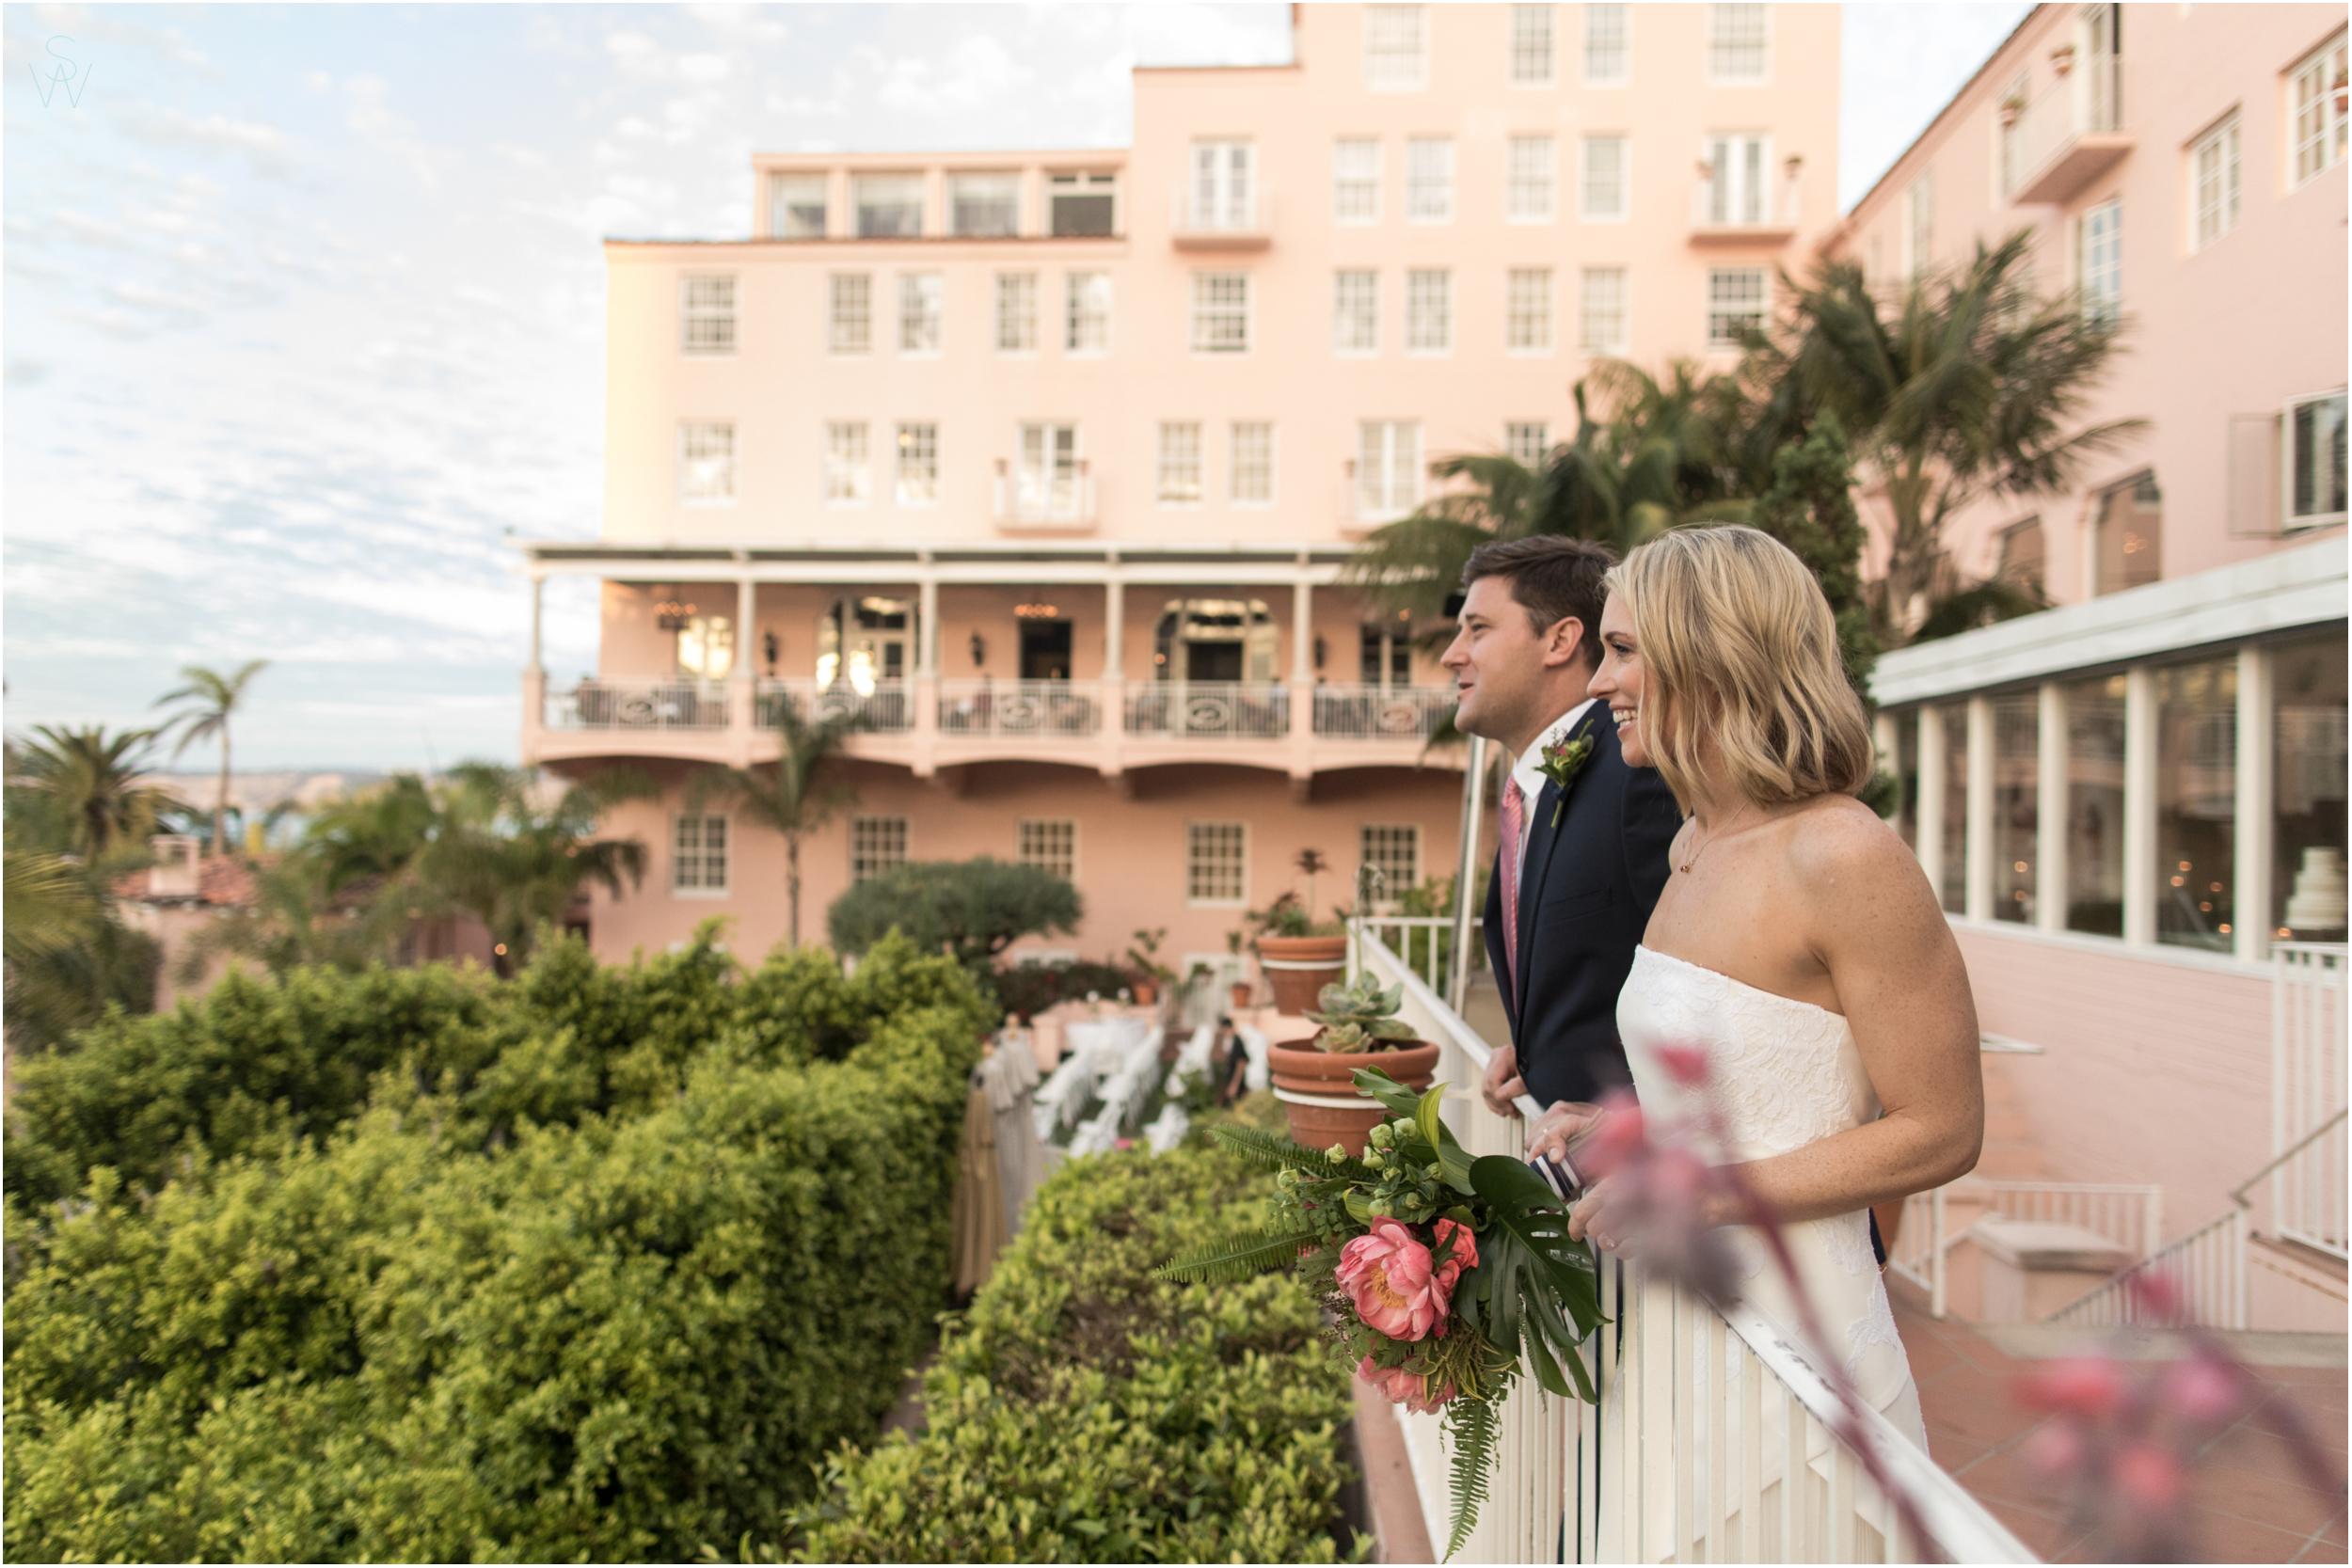 Colleen.Kyle20190122Shewanders.granddelmar.wedding 0494.jpg